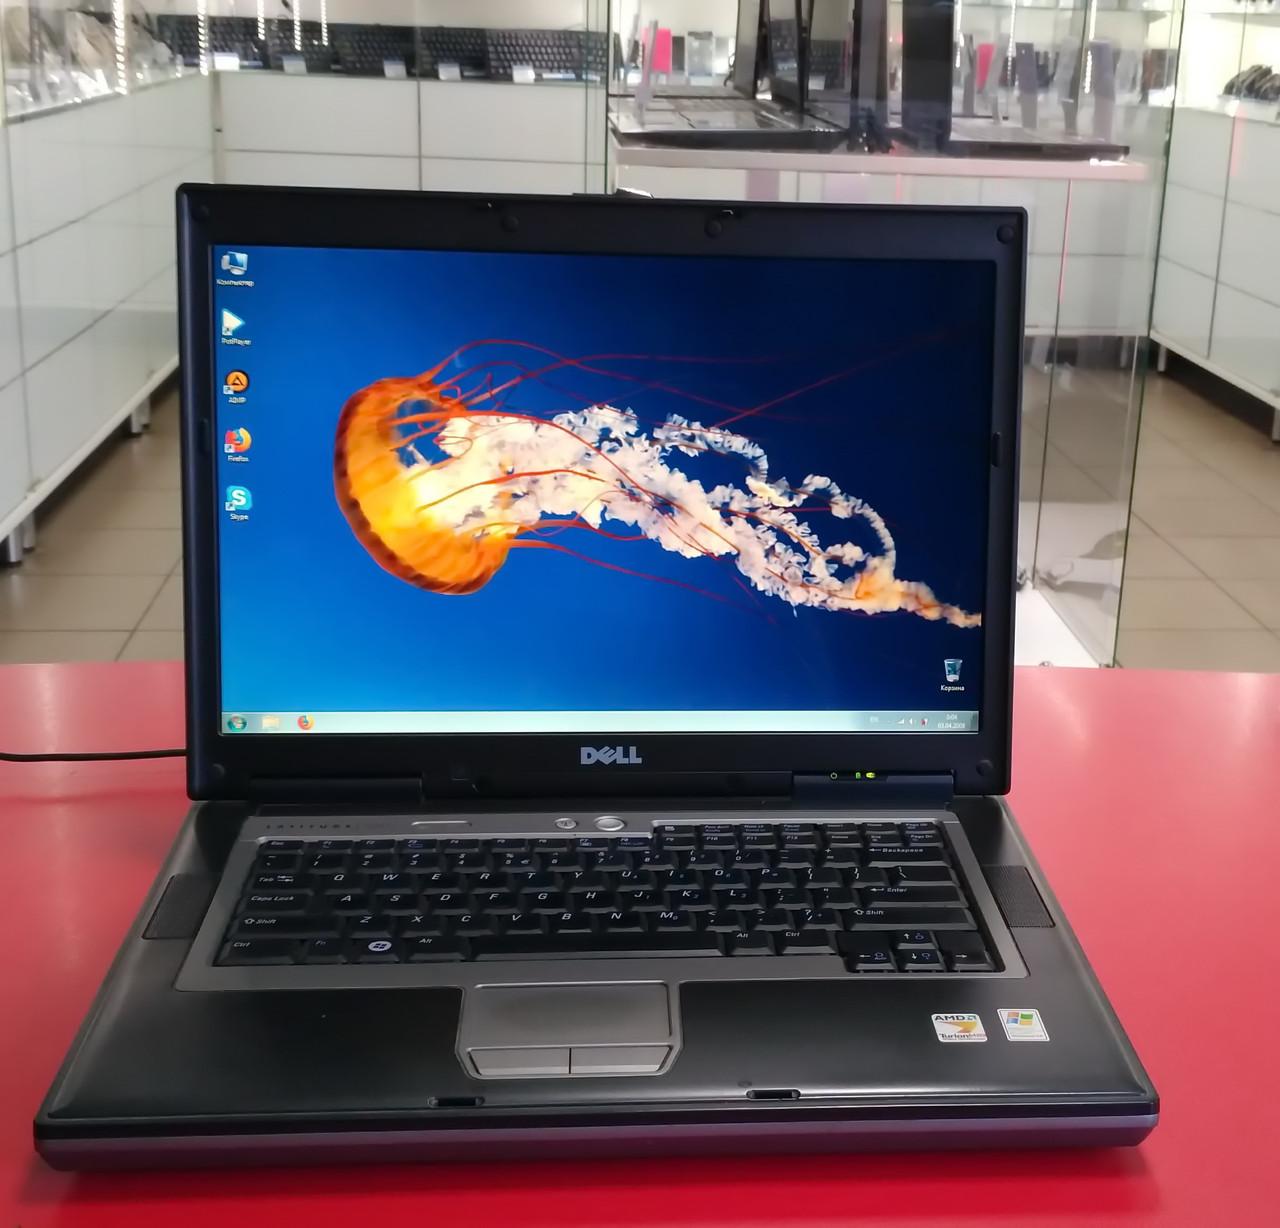 """Ноутбук Dell Latitude D 531 14.1"""" AMD Turion X2 TL60 2.0 GHz 2 GB RAM 250 GB HDD Silver Б/У"""